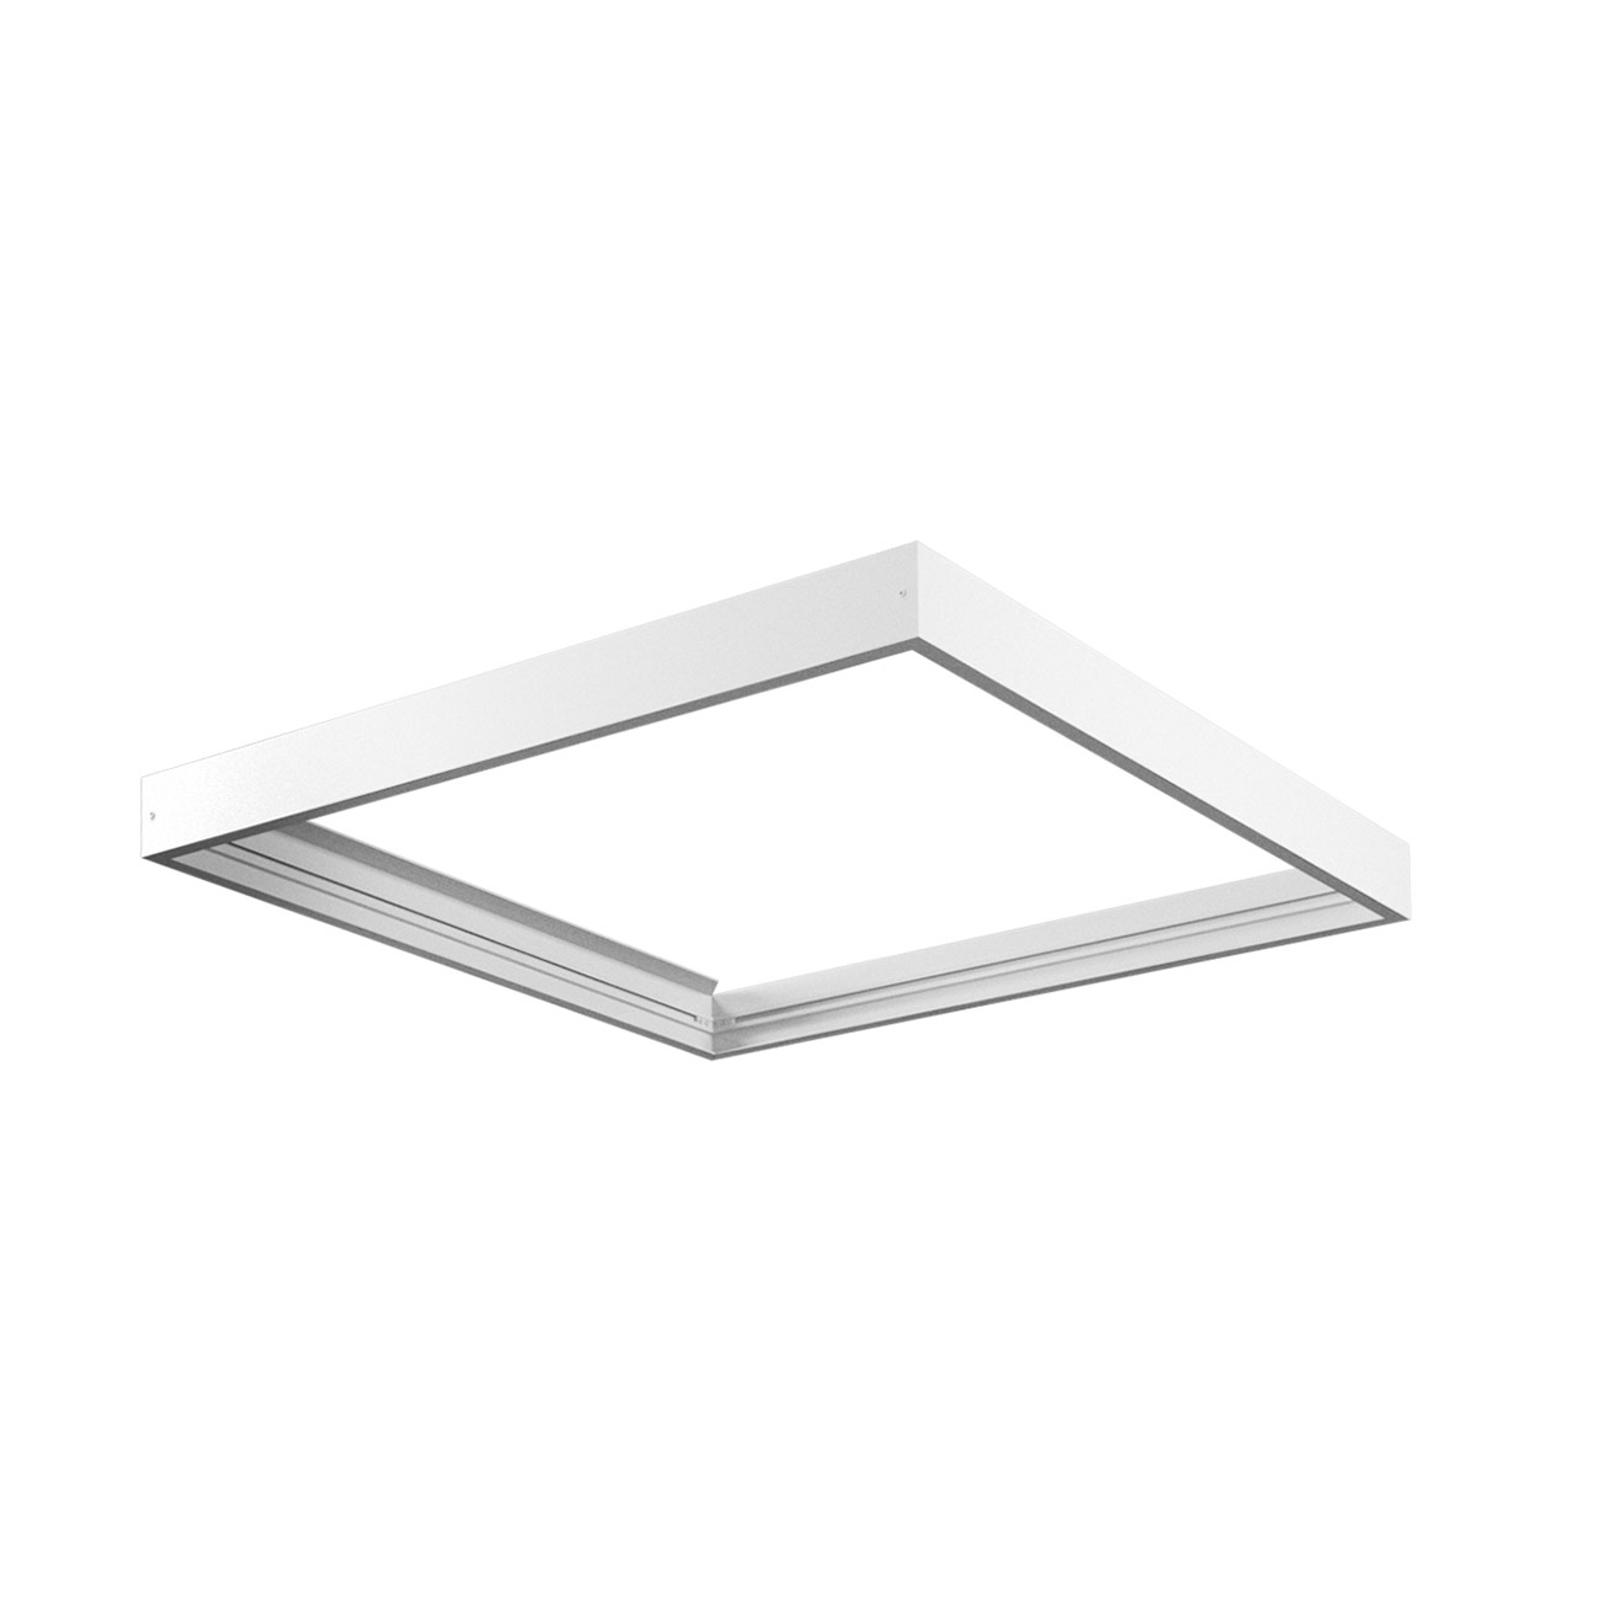 Aufbaurahmen Deckenanbau für LED-Panel 60 x 60 cm